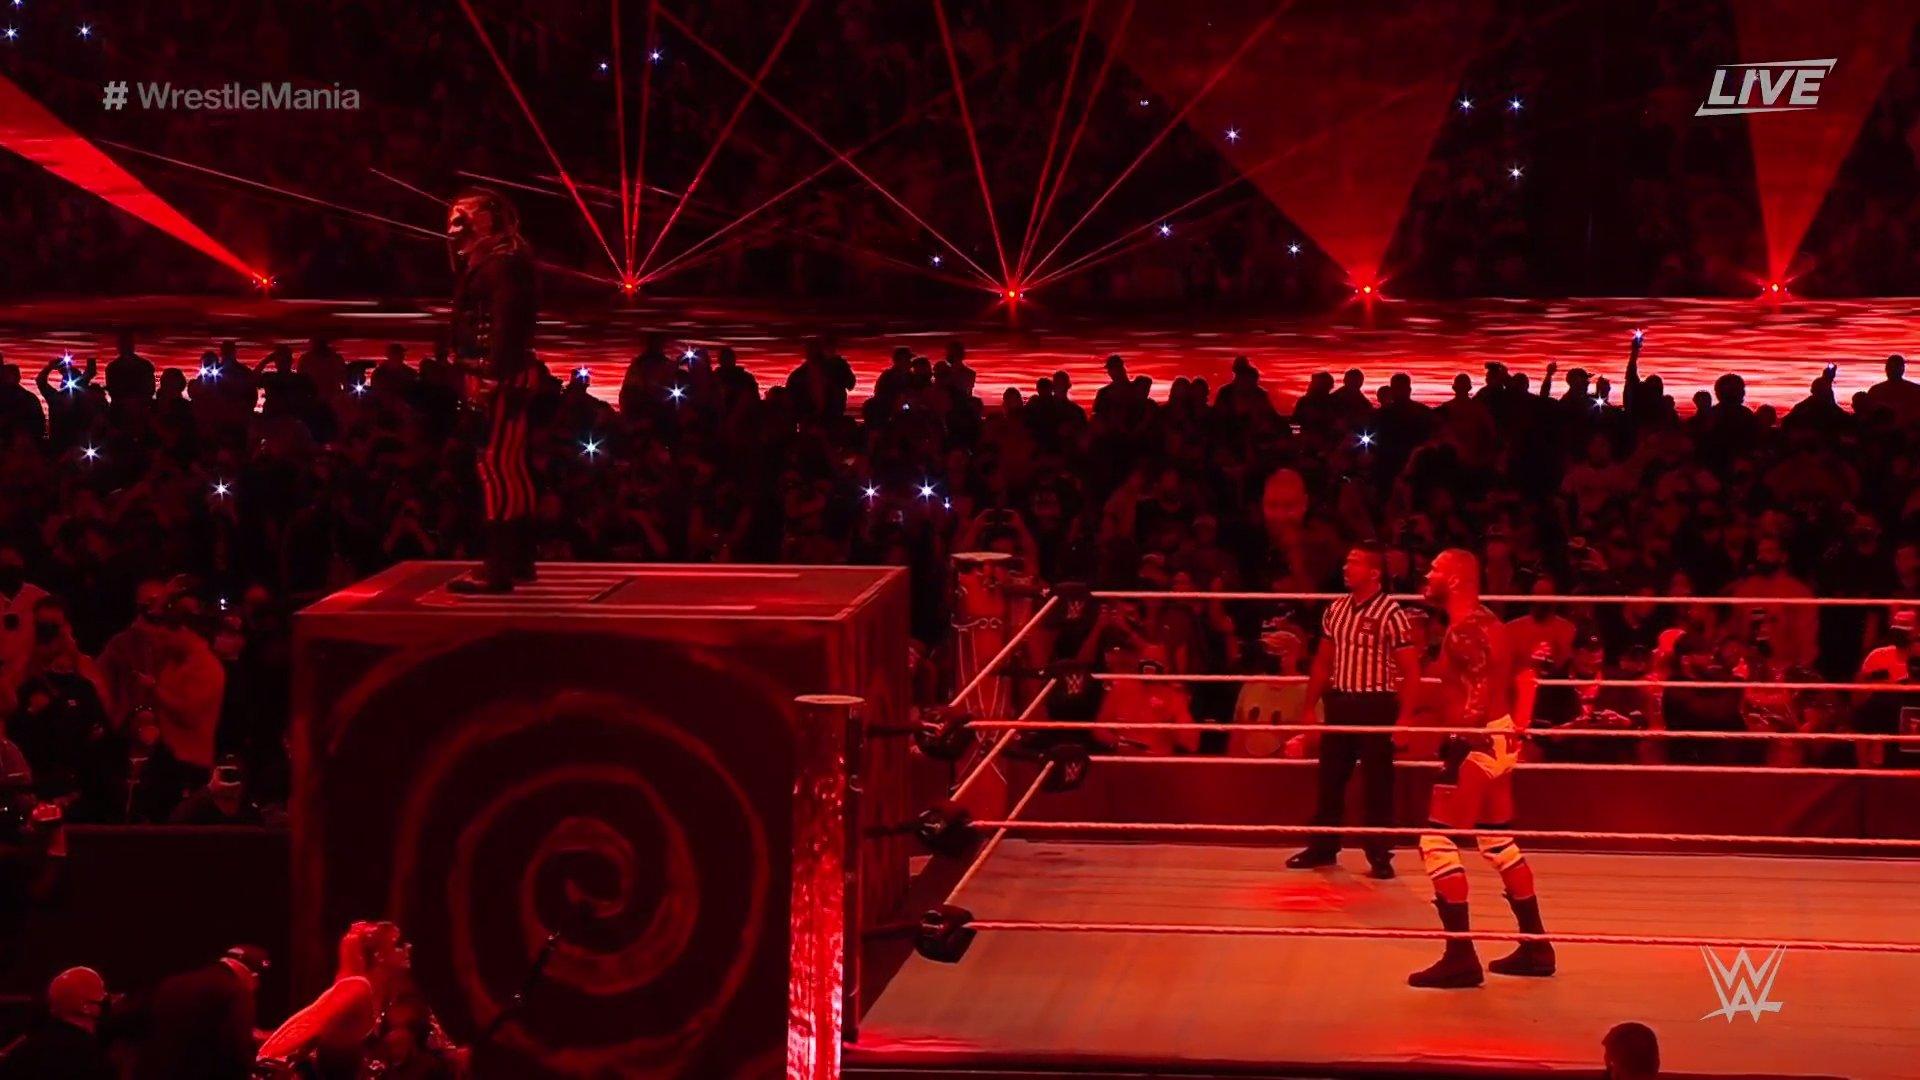 WrestleMania 37. The Fiend vs. Randy Orton